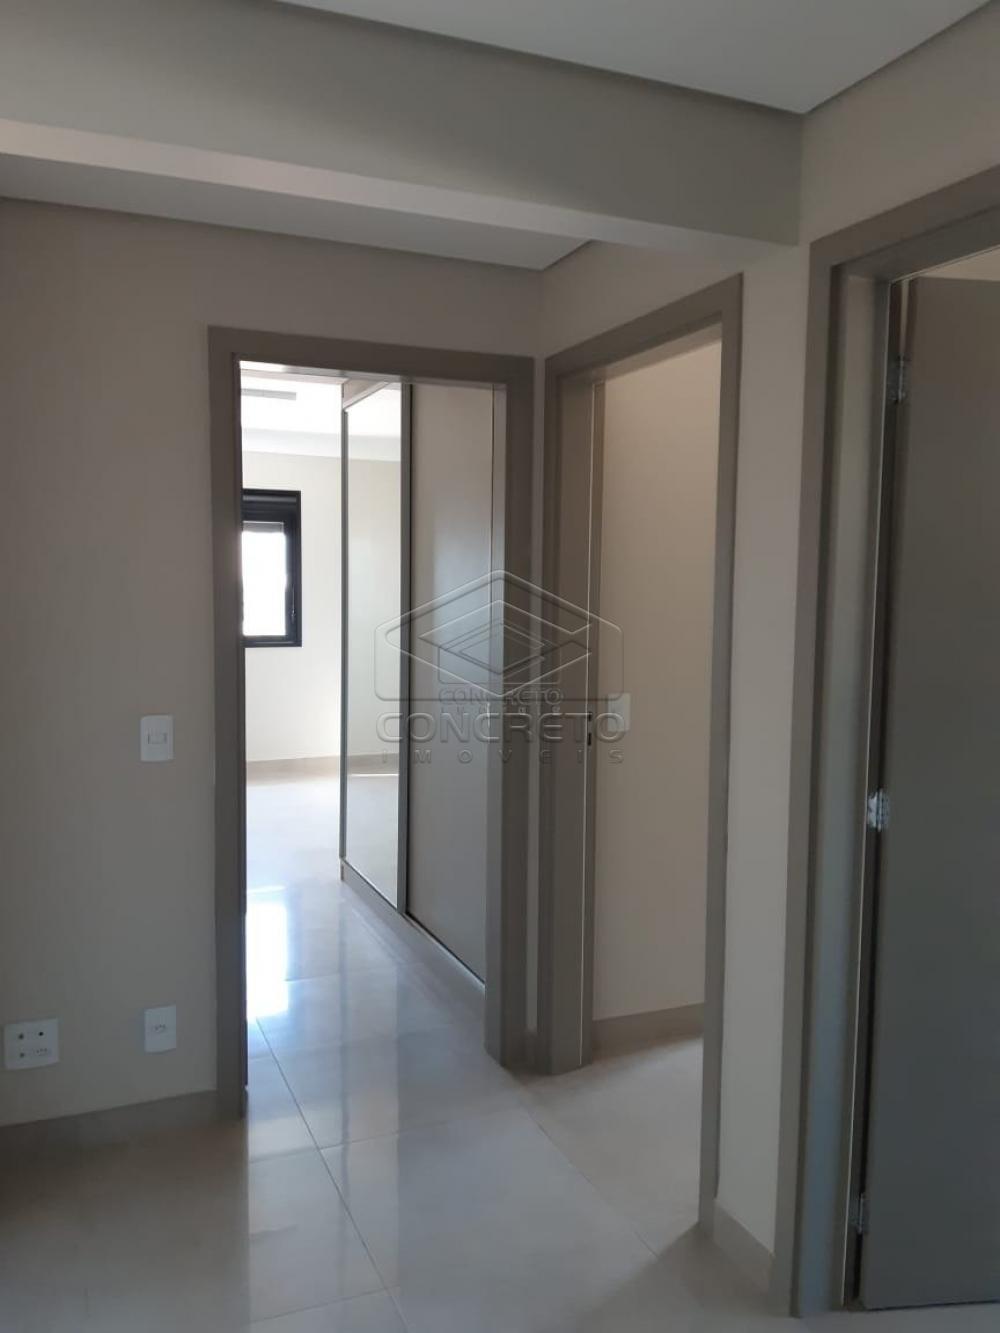 Alugar Apartamento / Padrão em Bauru apenas R$ 2.900,00 - Foto 4